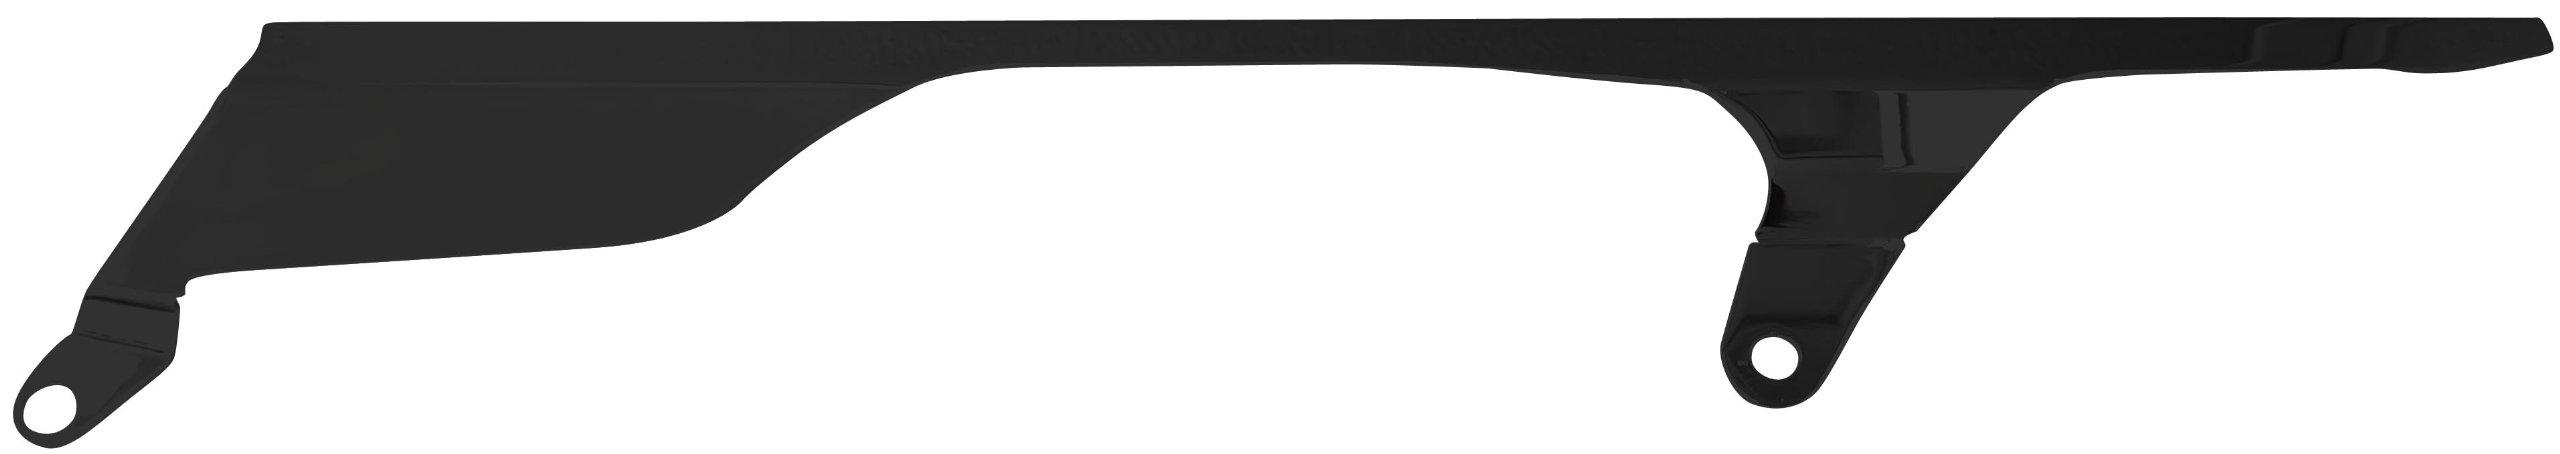 Yana Shiki A2881B Black Chain Guard for Yamaha YZF-R6